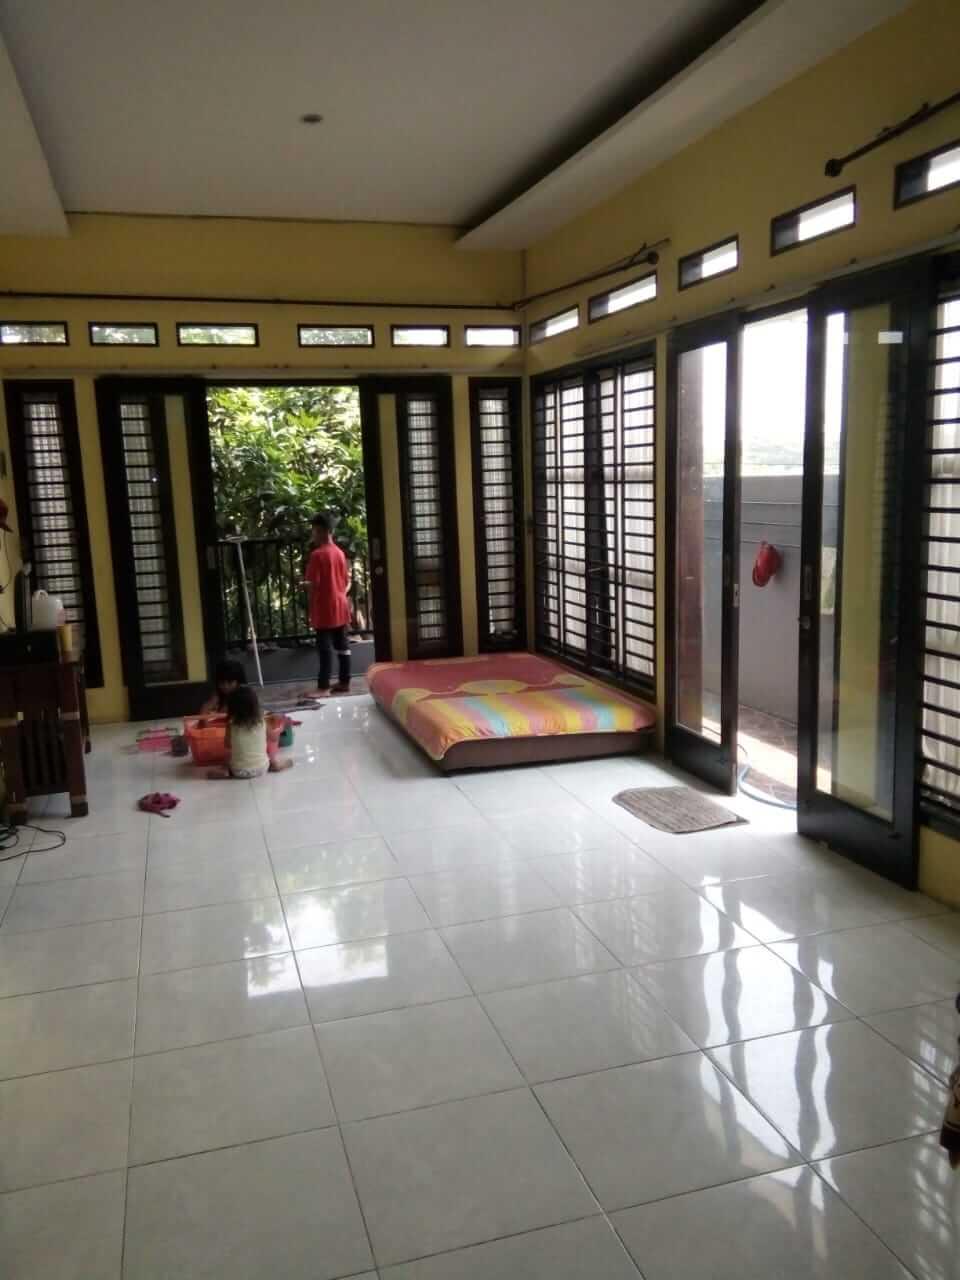 Jual Rumah Minimalis Griya Candramas Sedati Sidoarjo - BeliSewaRumah - Tampak Dalam 1